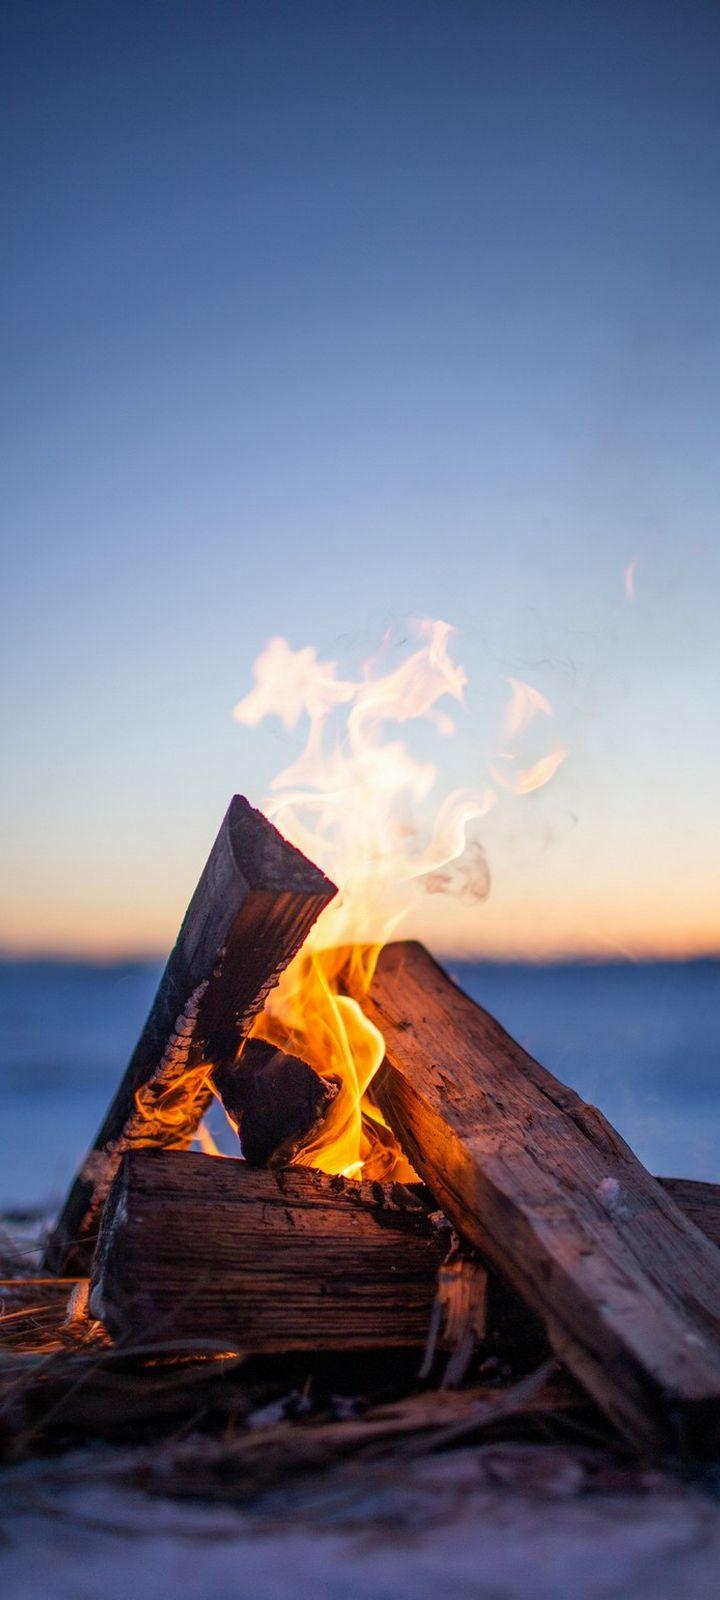 Bonfire Firewood Fire Wallpaper 720x1600